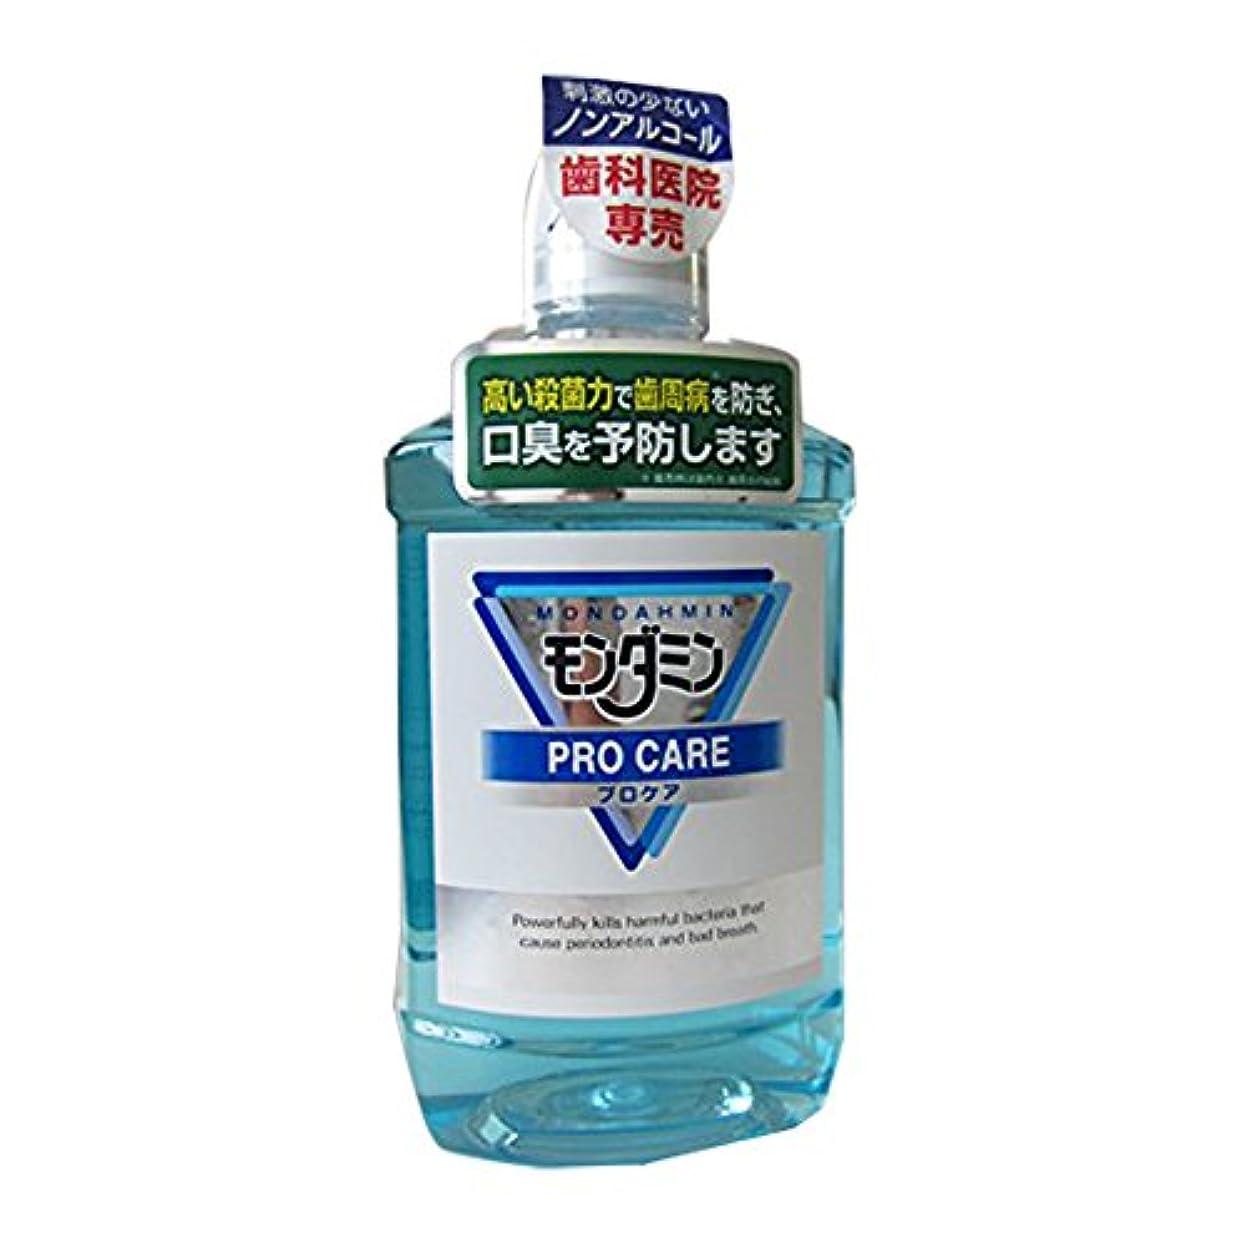 軽蔑午後間違いなくモンダミン モンダミン プロケア 1000ml ボトル 液体歯磨き単品